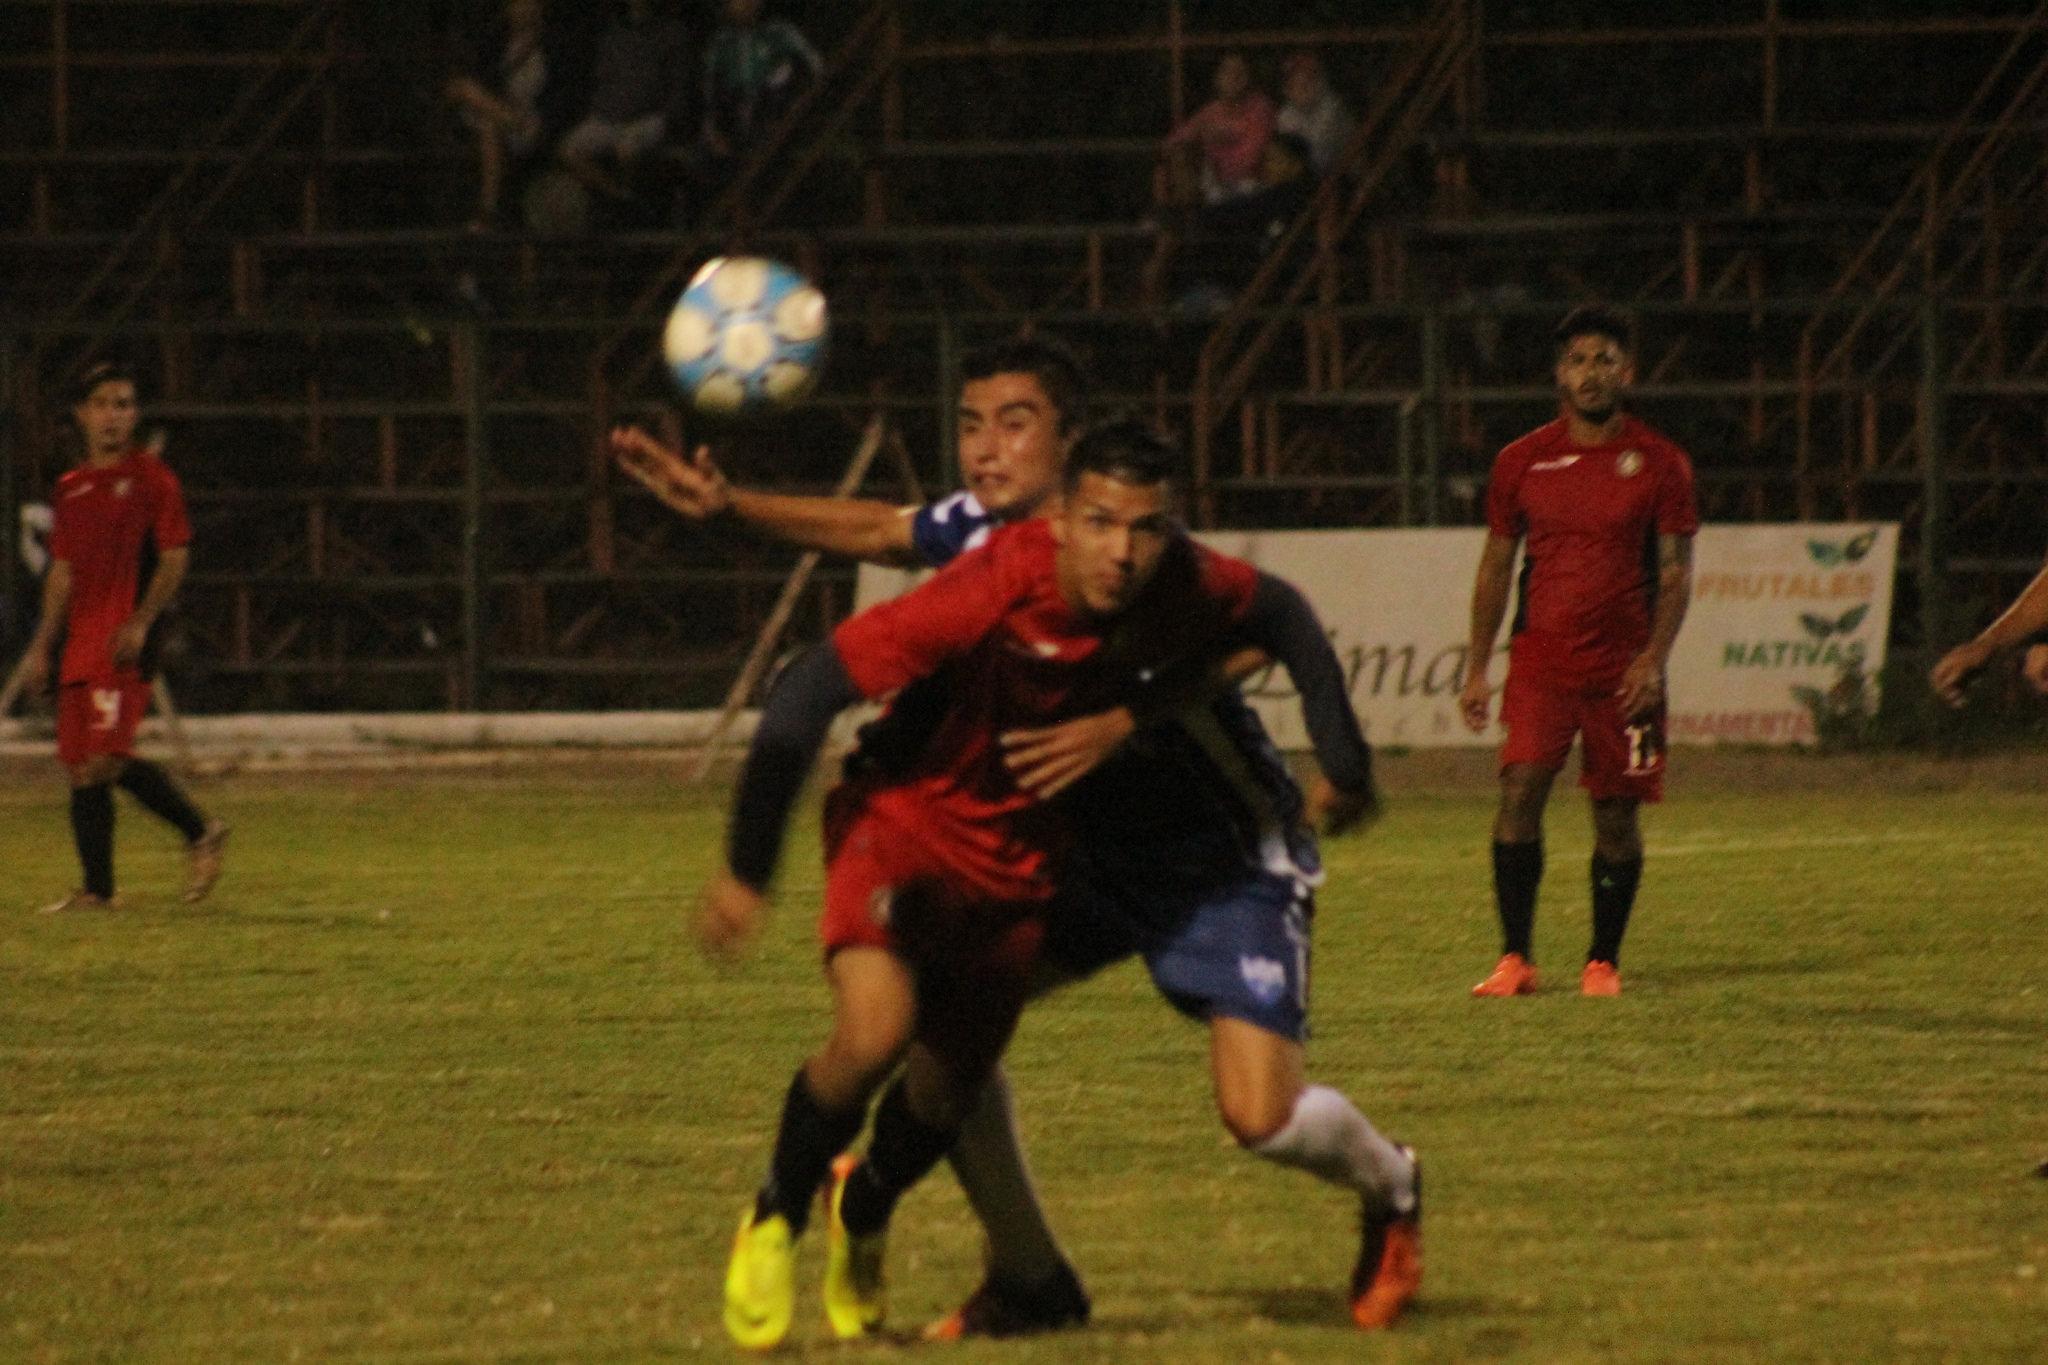 Deportes Limache se traslada a Quillota para sus duelos oficiales